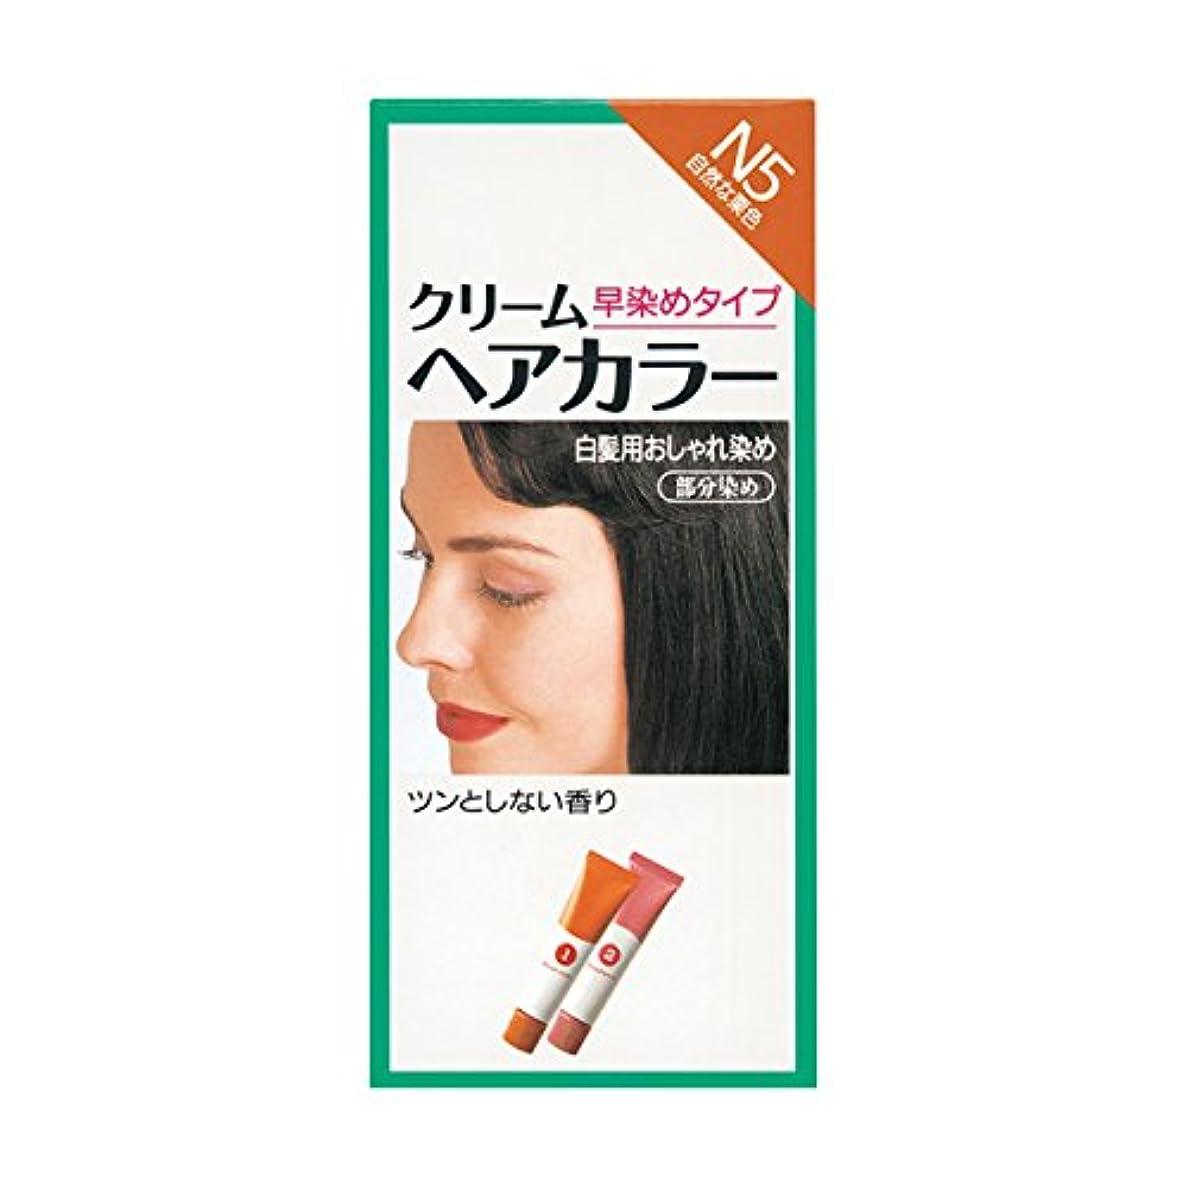 計画受動的決定ヘアカラー クリームヘアカラーN N5 【医薬部外品】